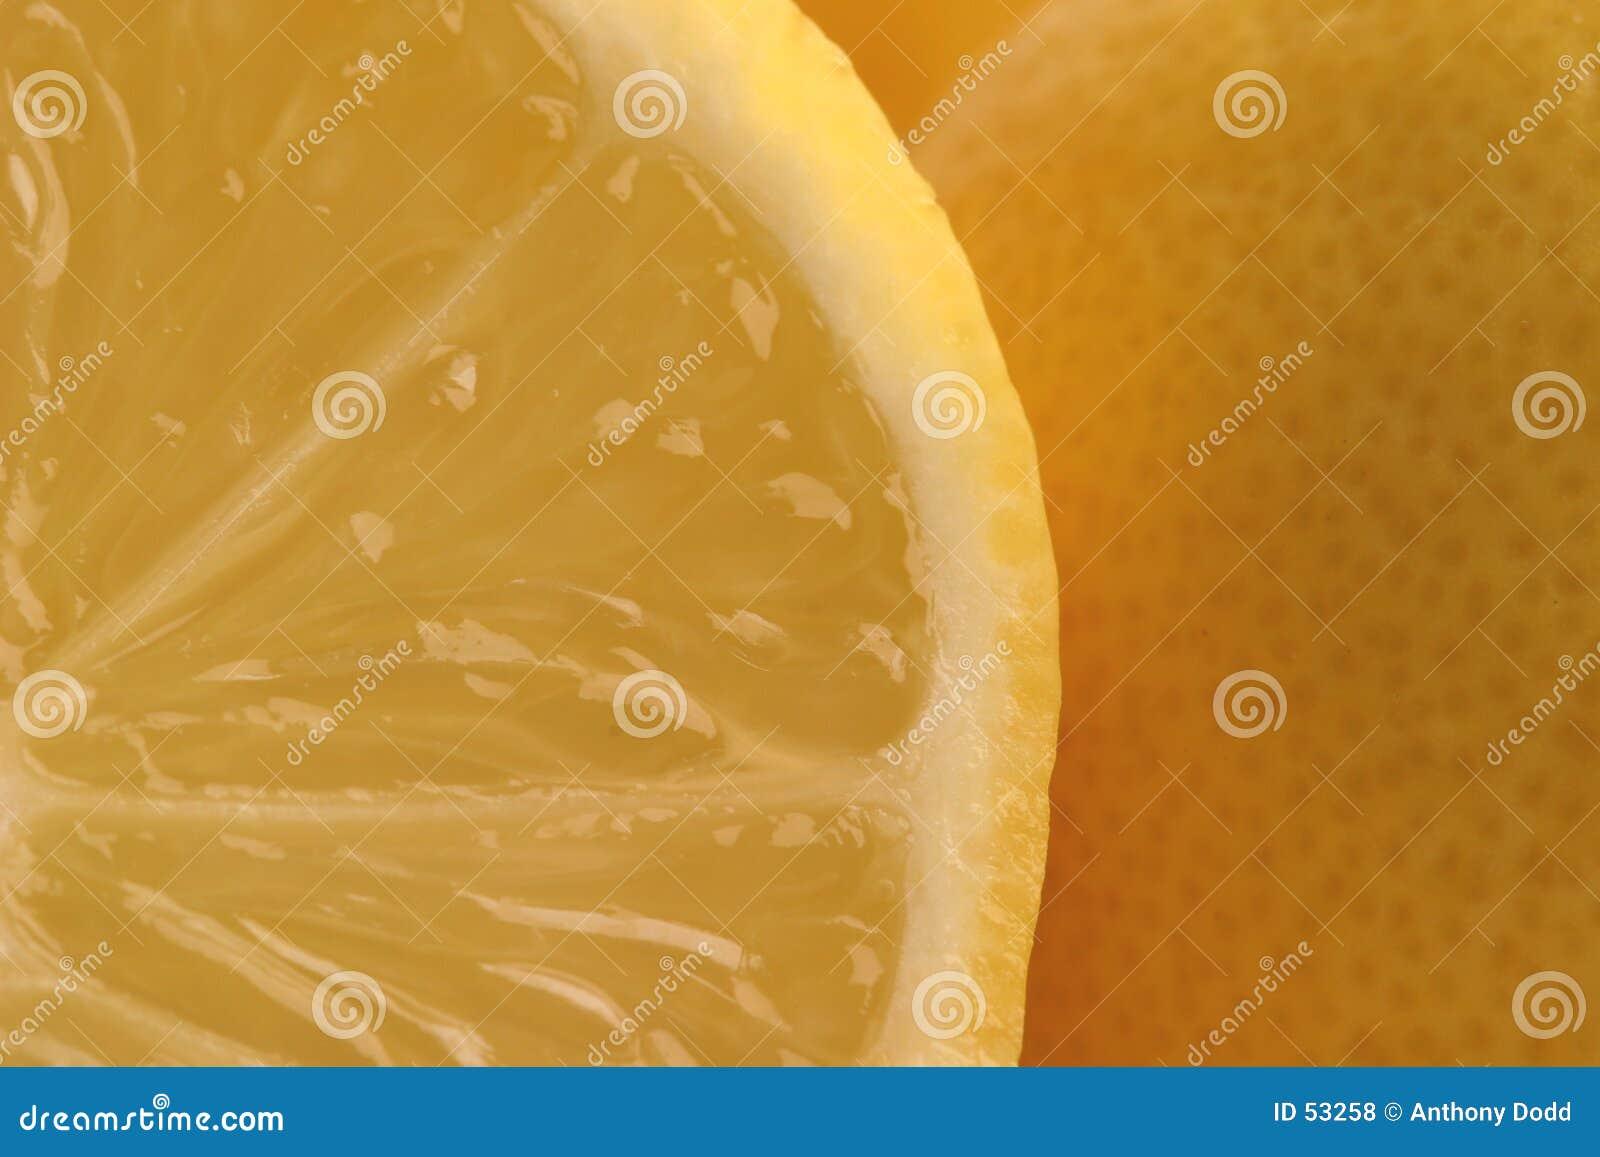 Lemon segmenty